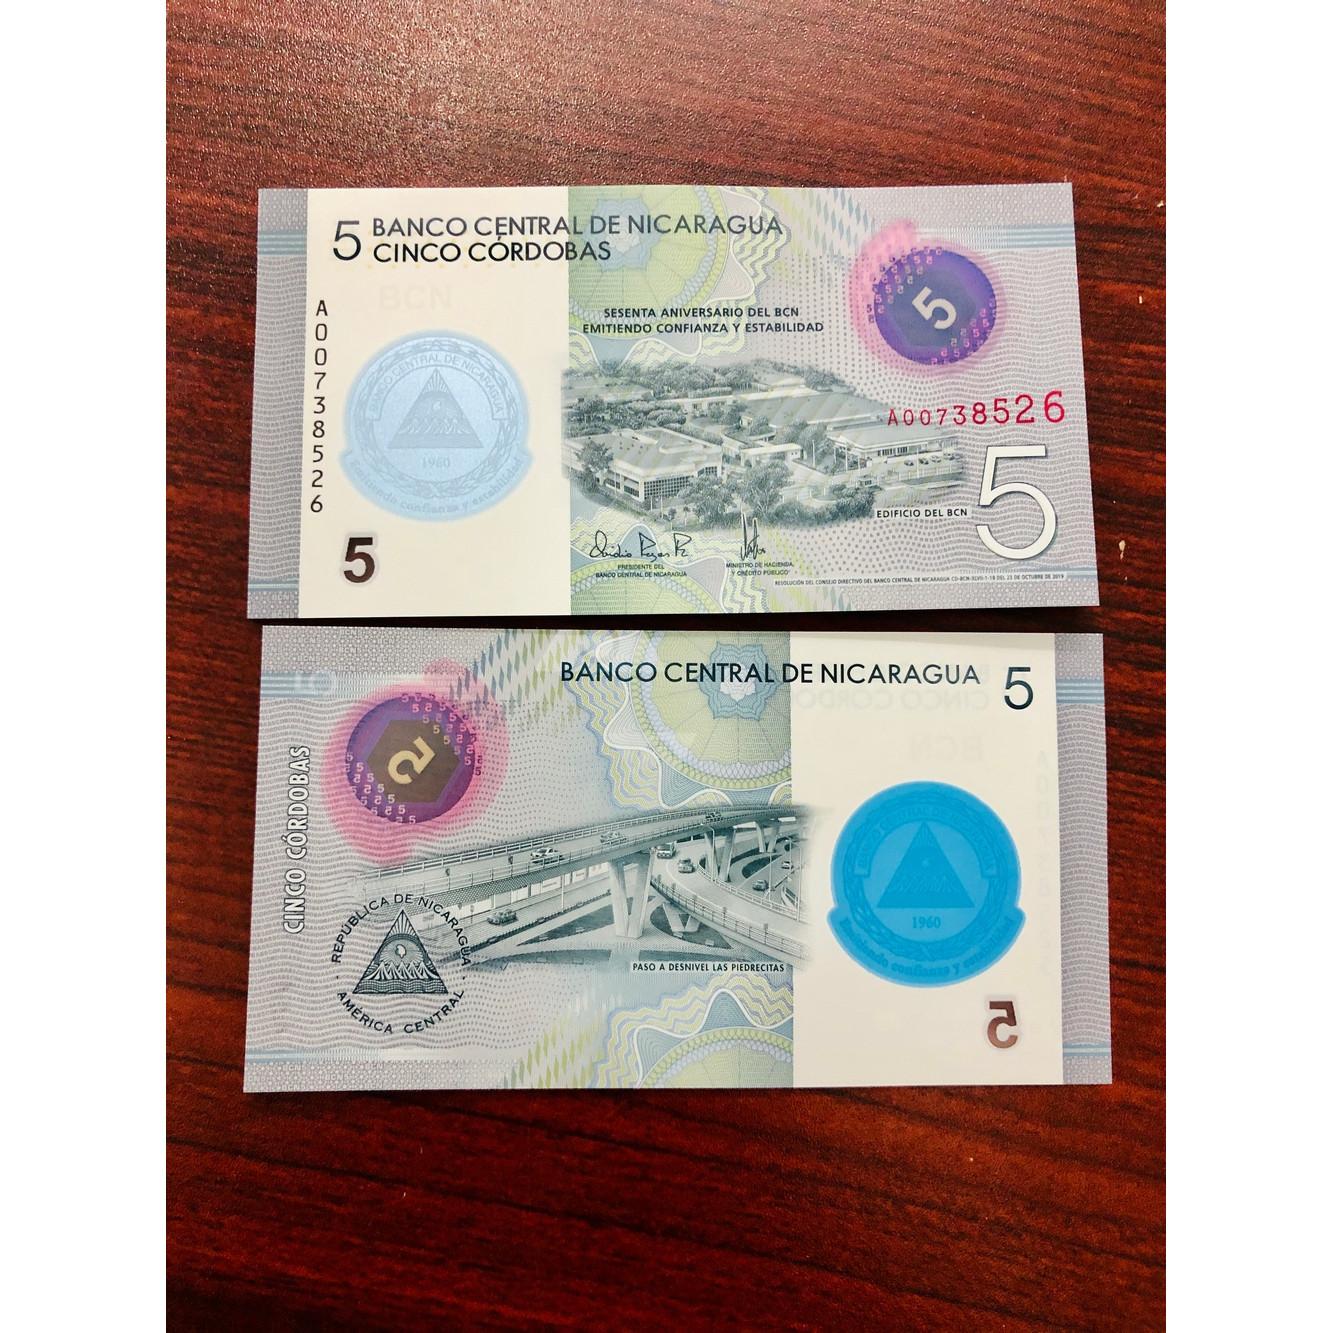 Tờ tiền 5 Cordobas của nước Nicaragua xưa [TIỀN XƯA SƯU TẦM]